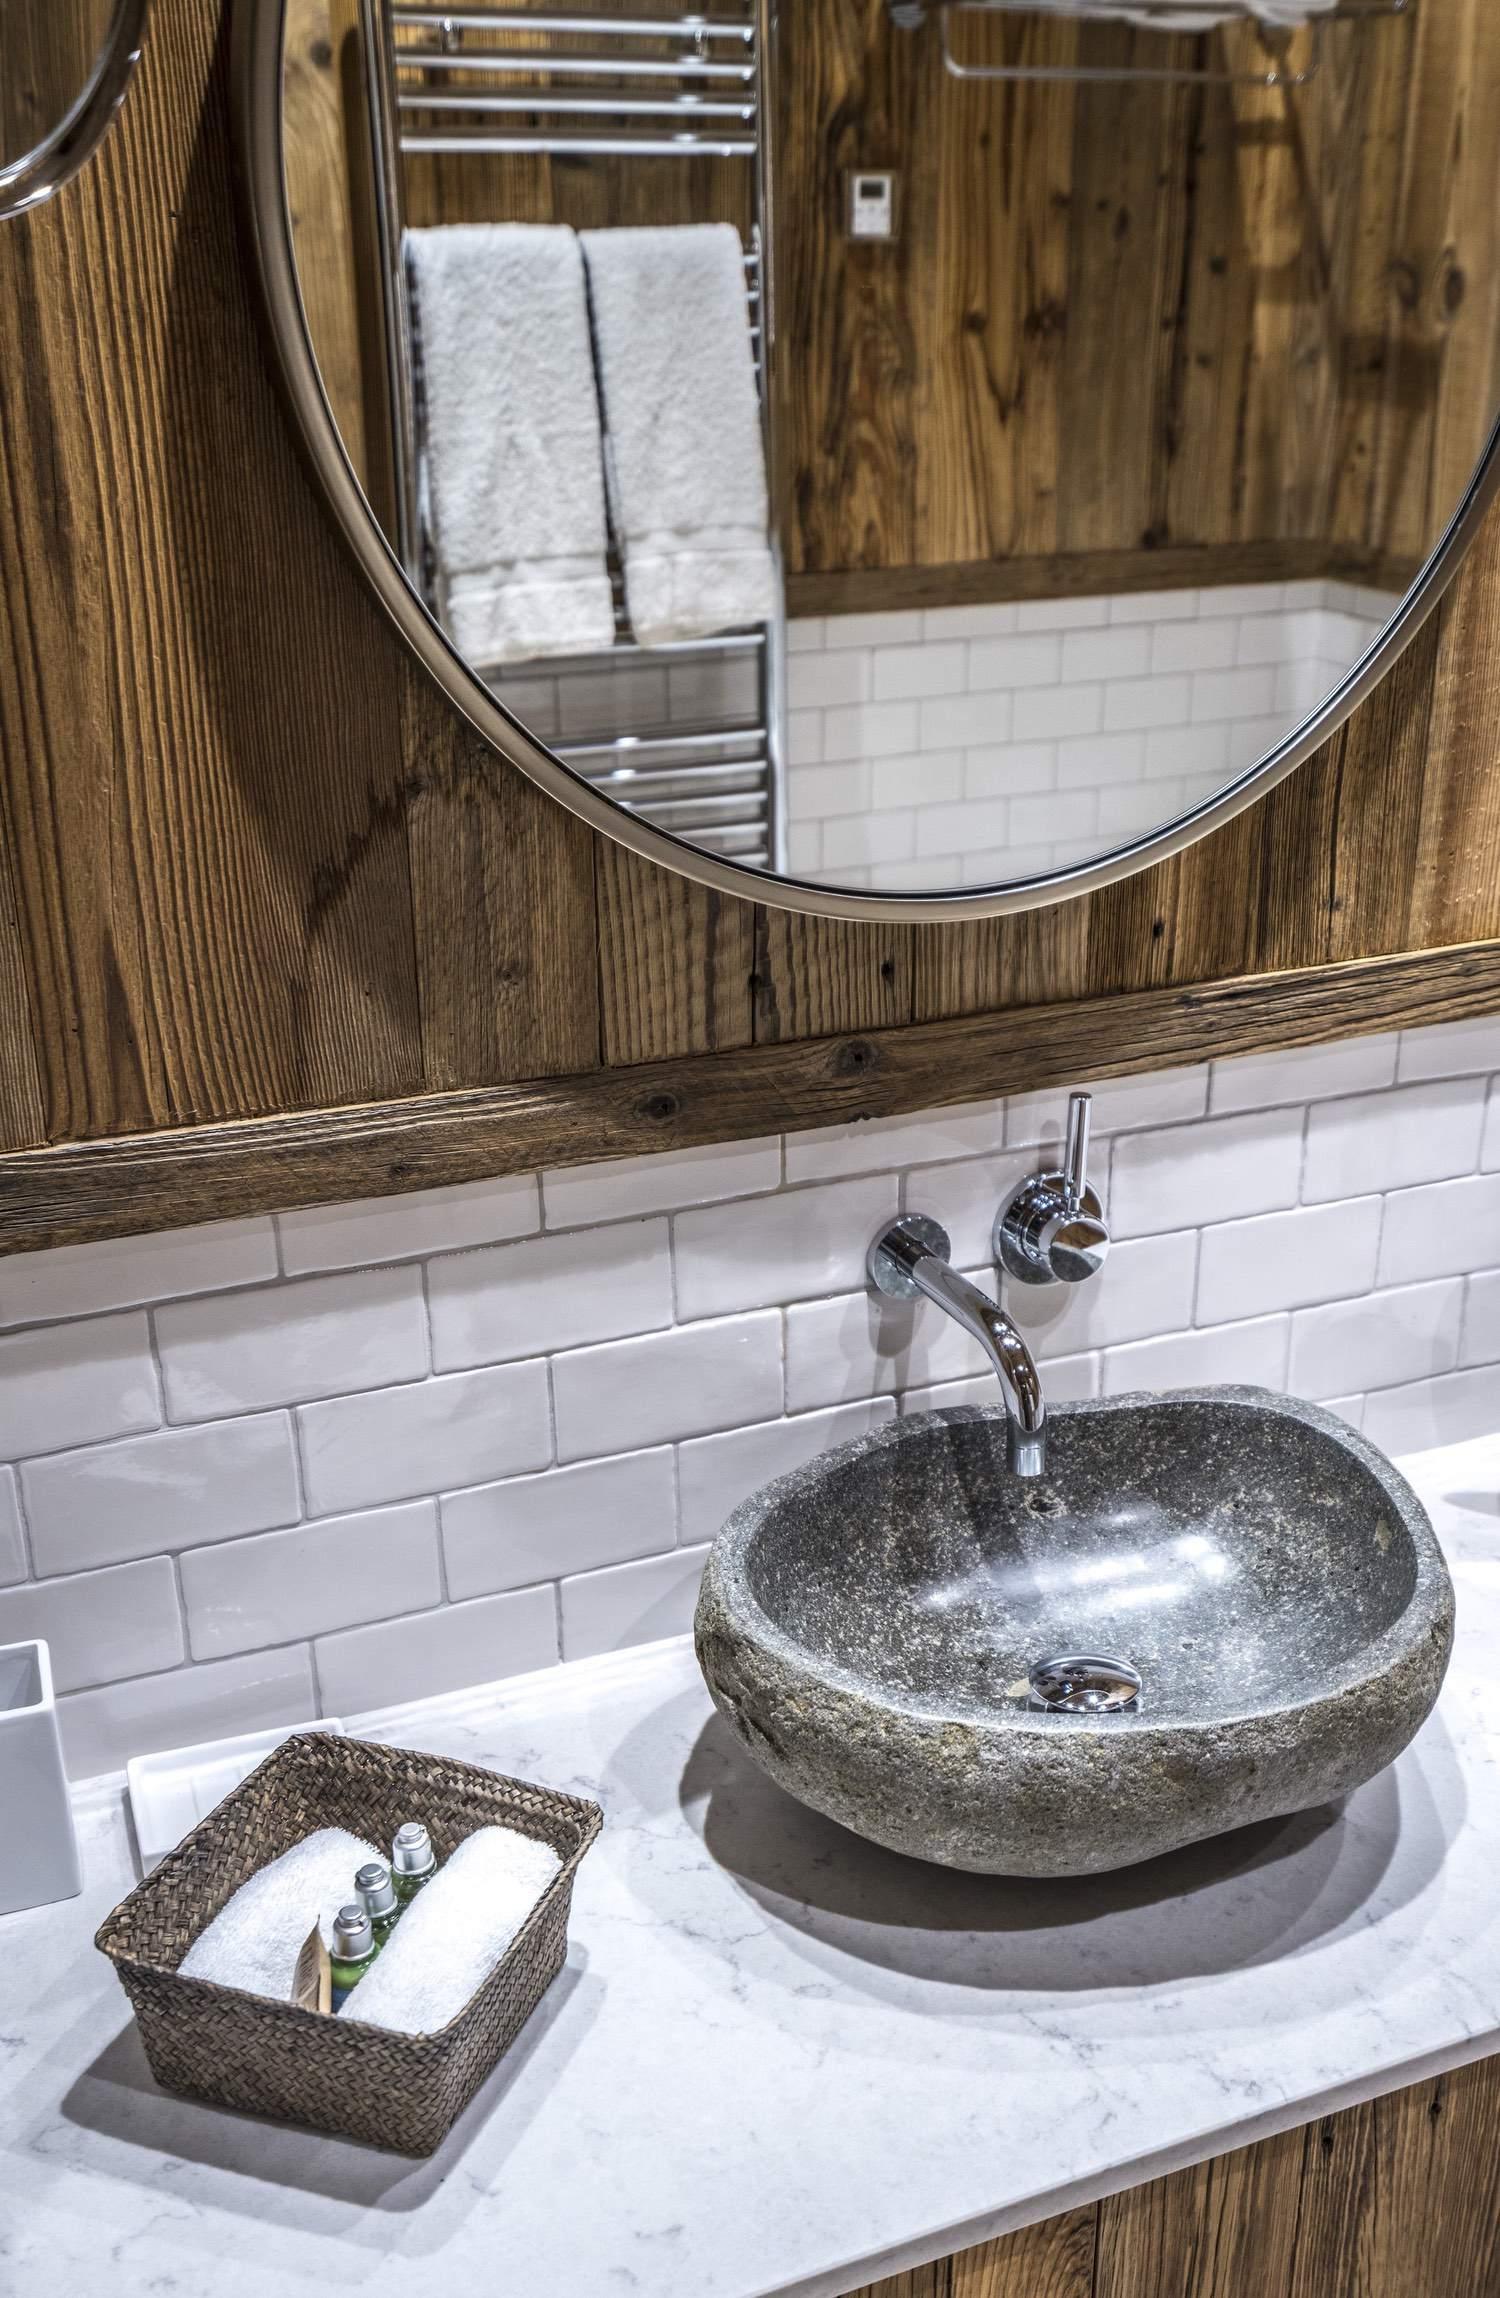 Cristal B - salle d'eau - vasque